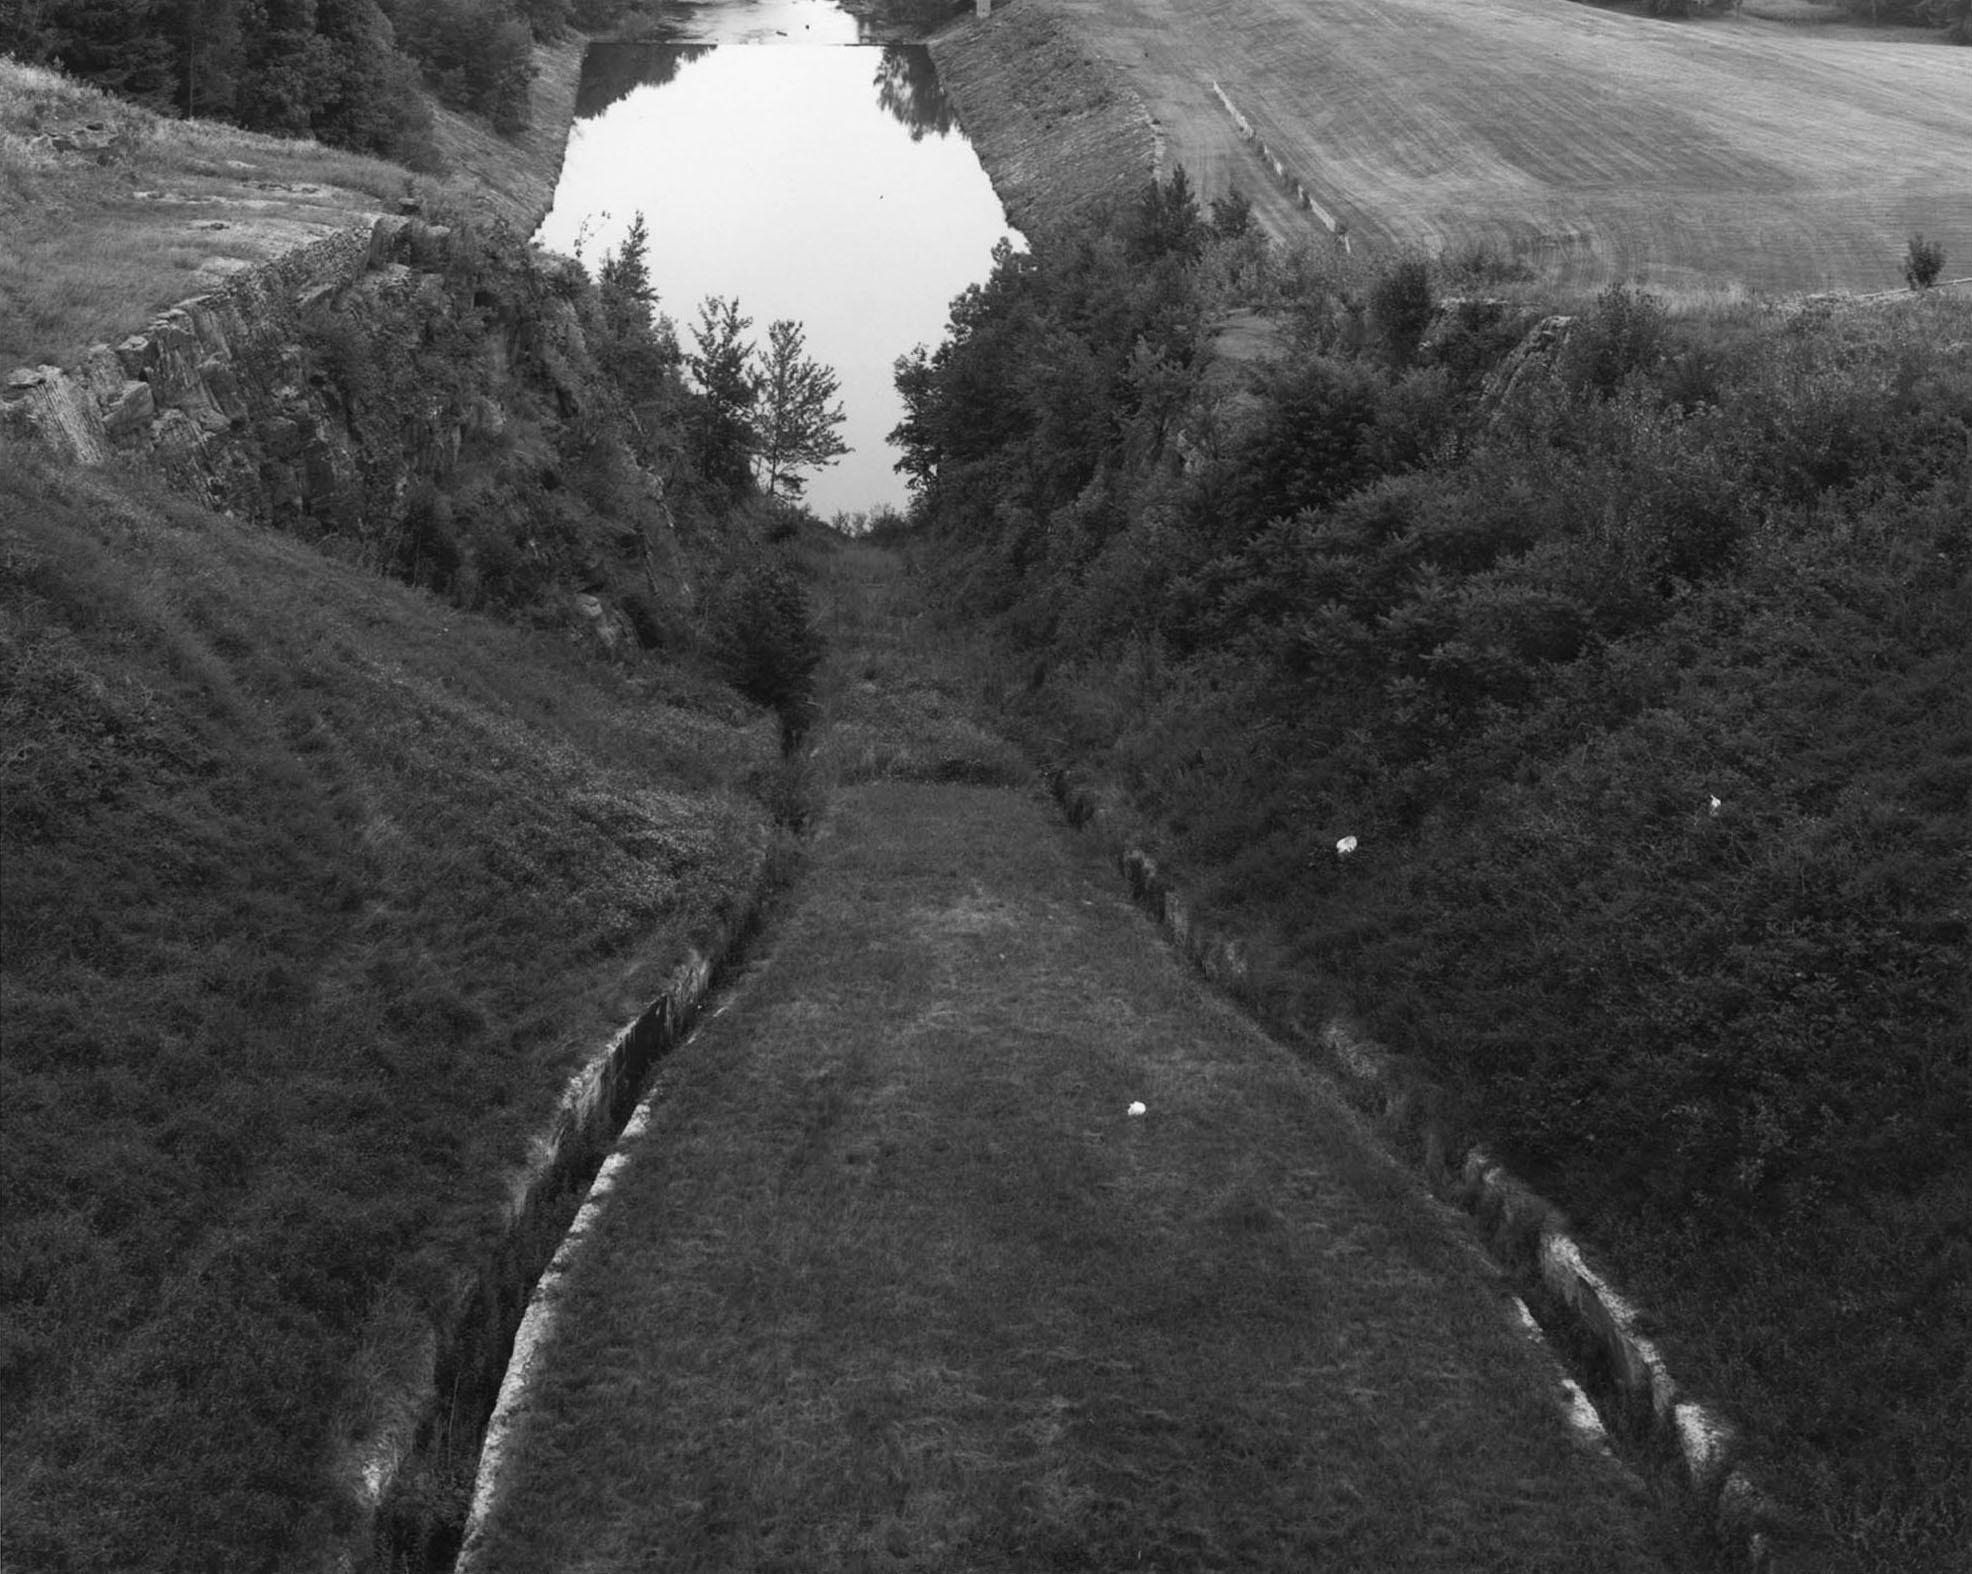 Stilling Basin, Neversink Reservoir, Sullivan County, New York, 1999